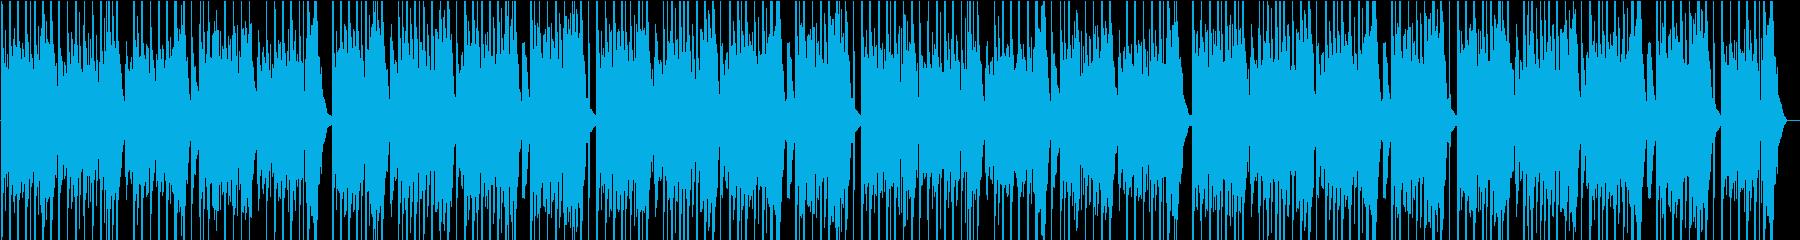 ポップ テクノ モダン 実験的 ア...の再生済みの波形